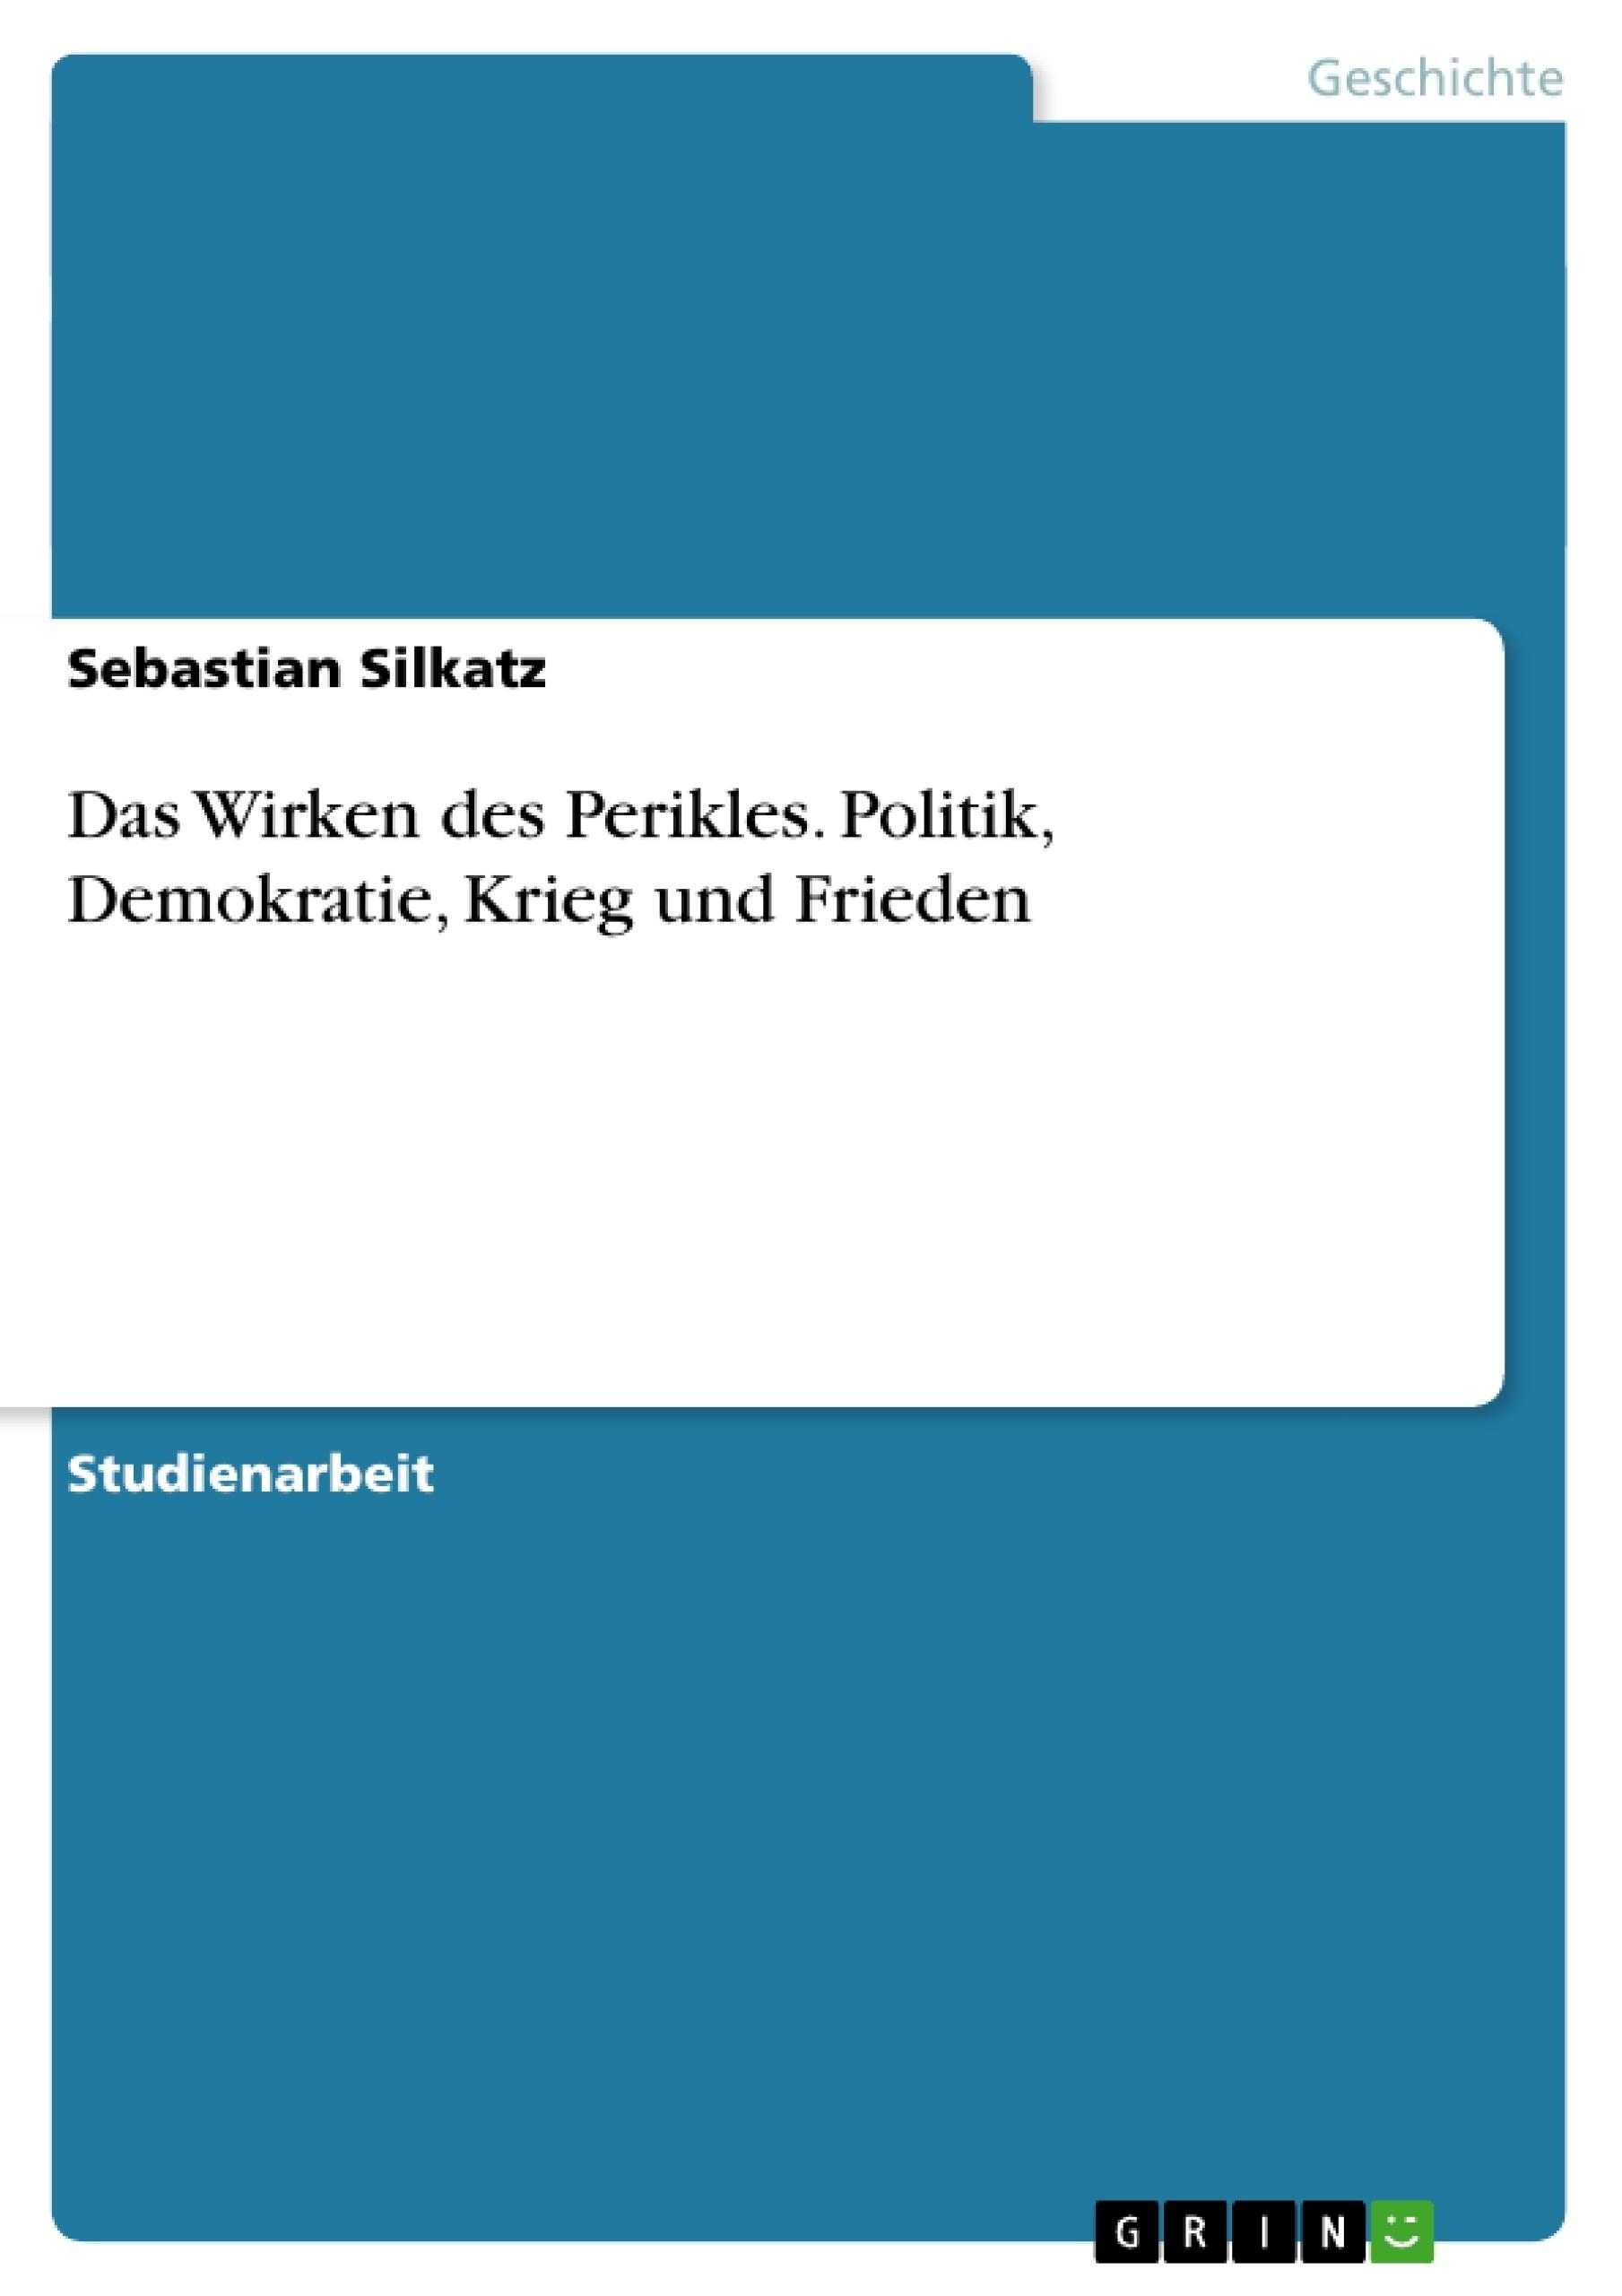 Titel: Das Wirken des Perikles. Politik, Demokratie, Krieg und Frieden